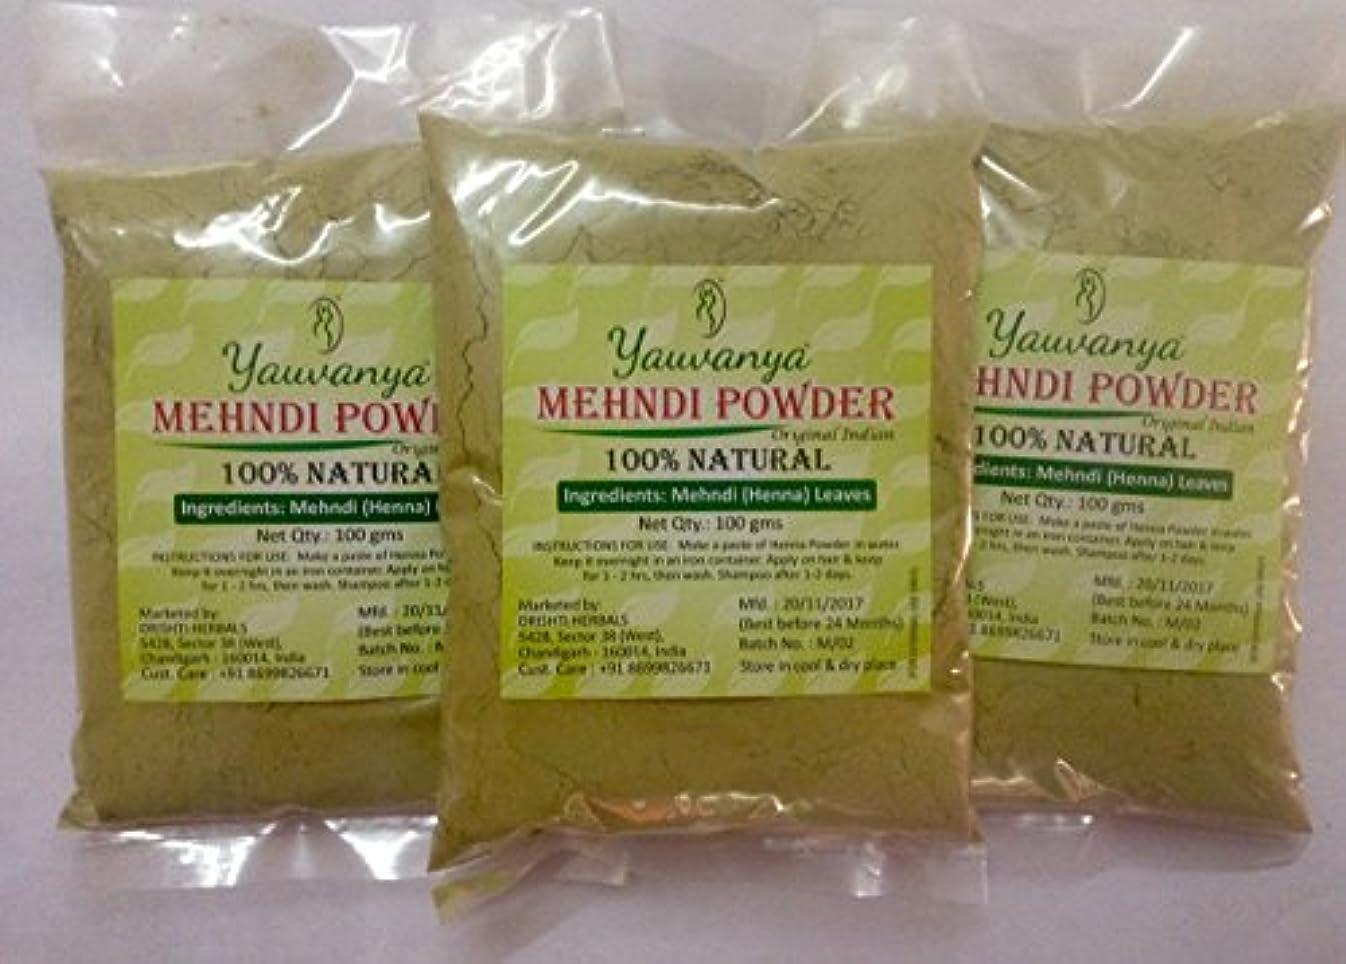 Yauvanyaオリジナルインディアンピュア&ナチュラルヘナ(Mehndi)for Hair - 3X100 gms (Yauvanya Original Indian Pure and Natural Henna (Mehndi...